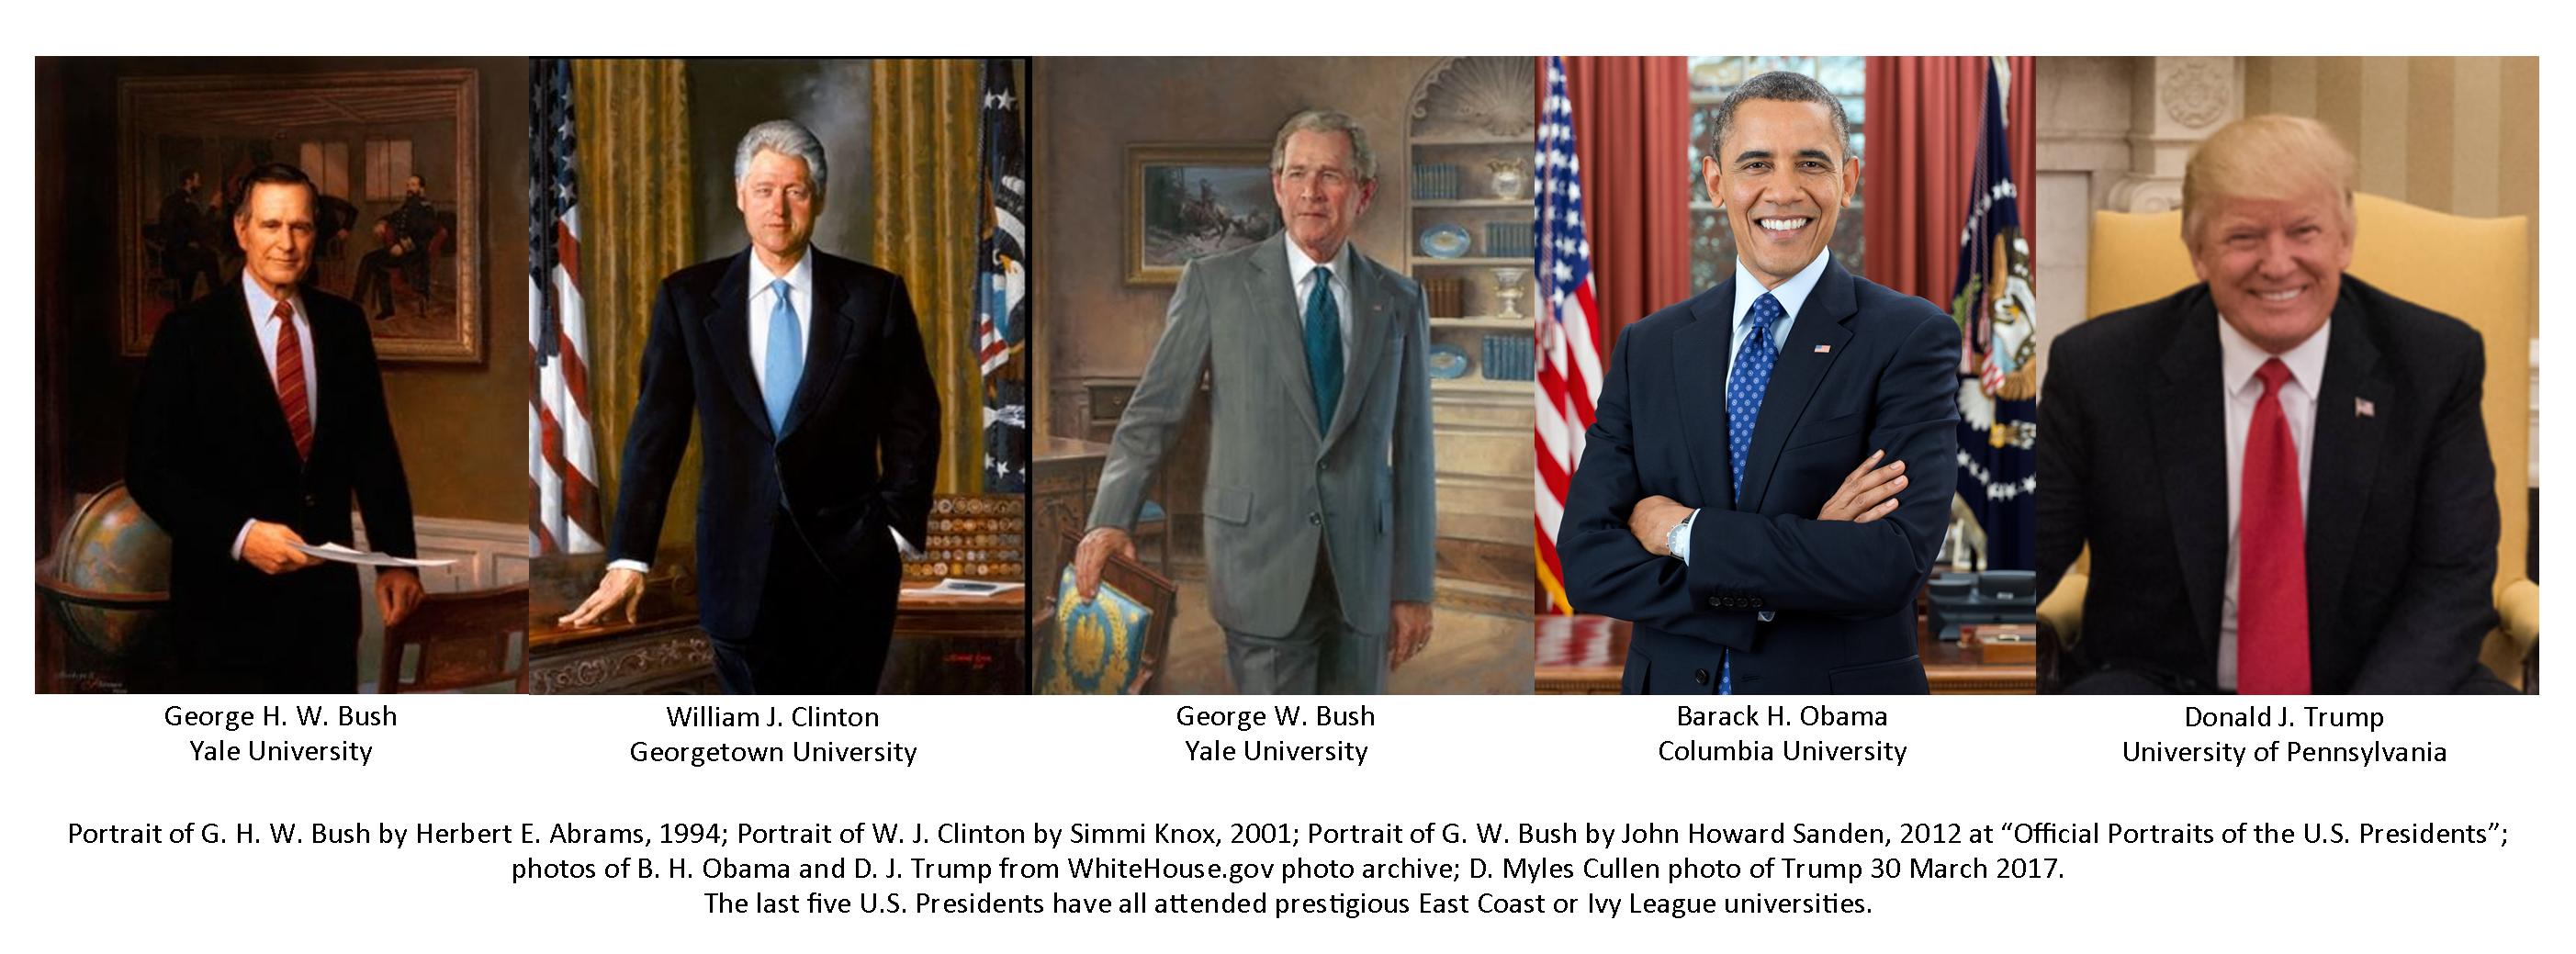 Formal presidential portraits of G.H.W. Bush, W.J. Clinton, G.W. Bush, B.H. Obama, and D.J. Trump.